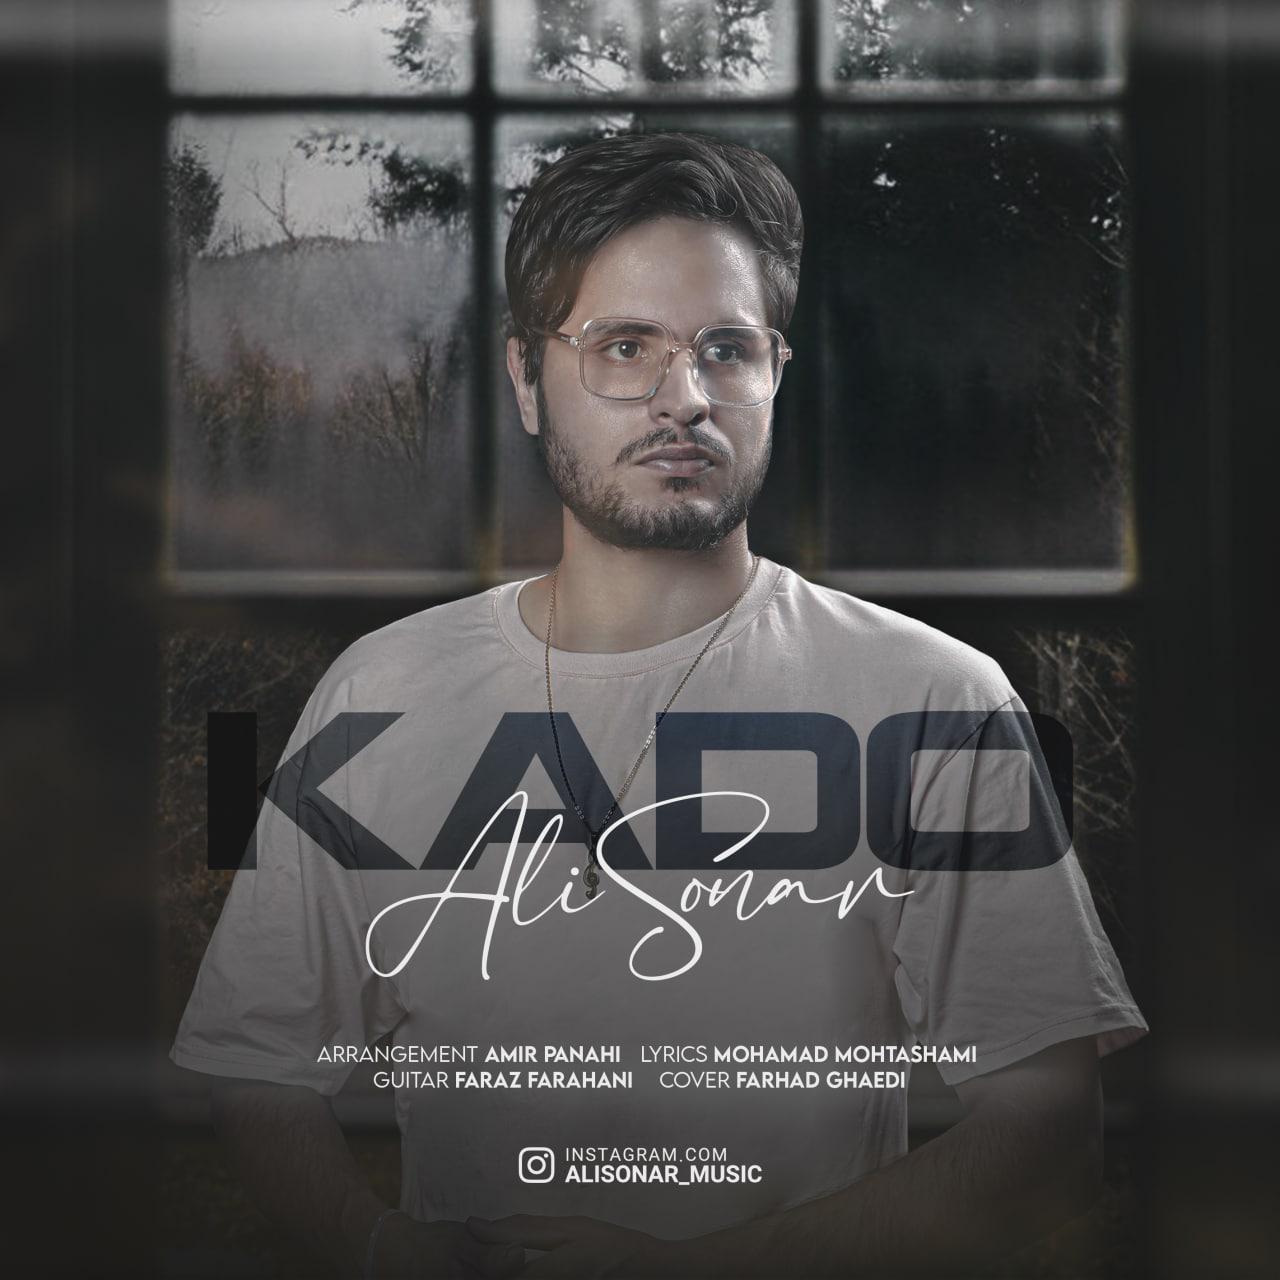 دانلود آهنگ علی سونار بنام کادو